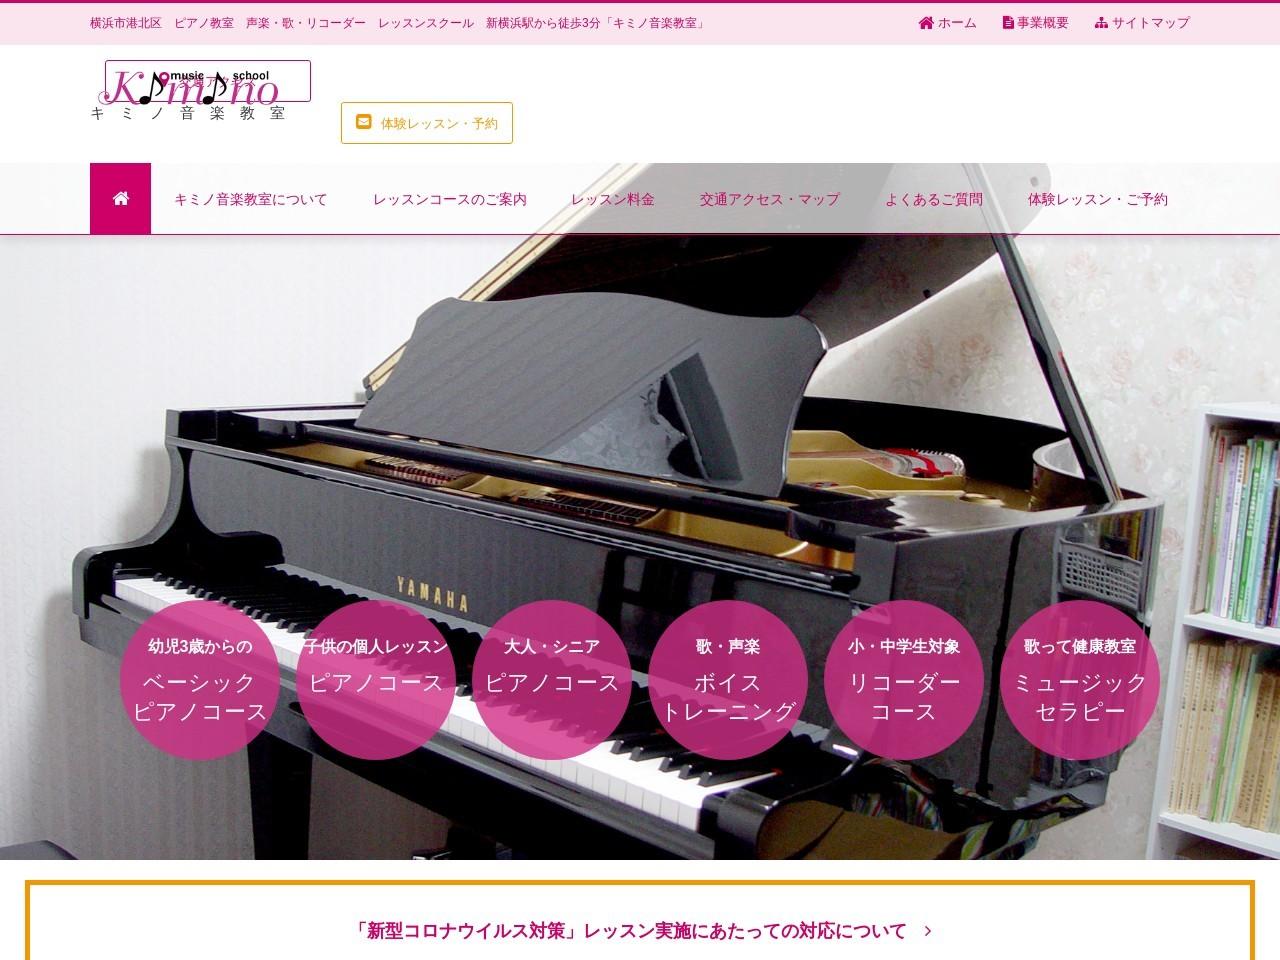 キミノ音楽教室のサムネイル